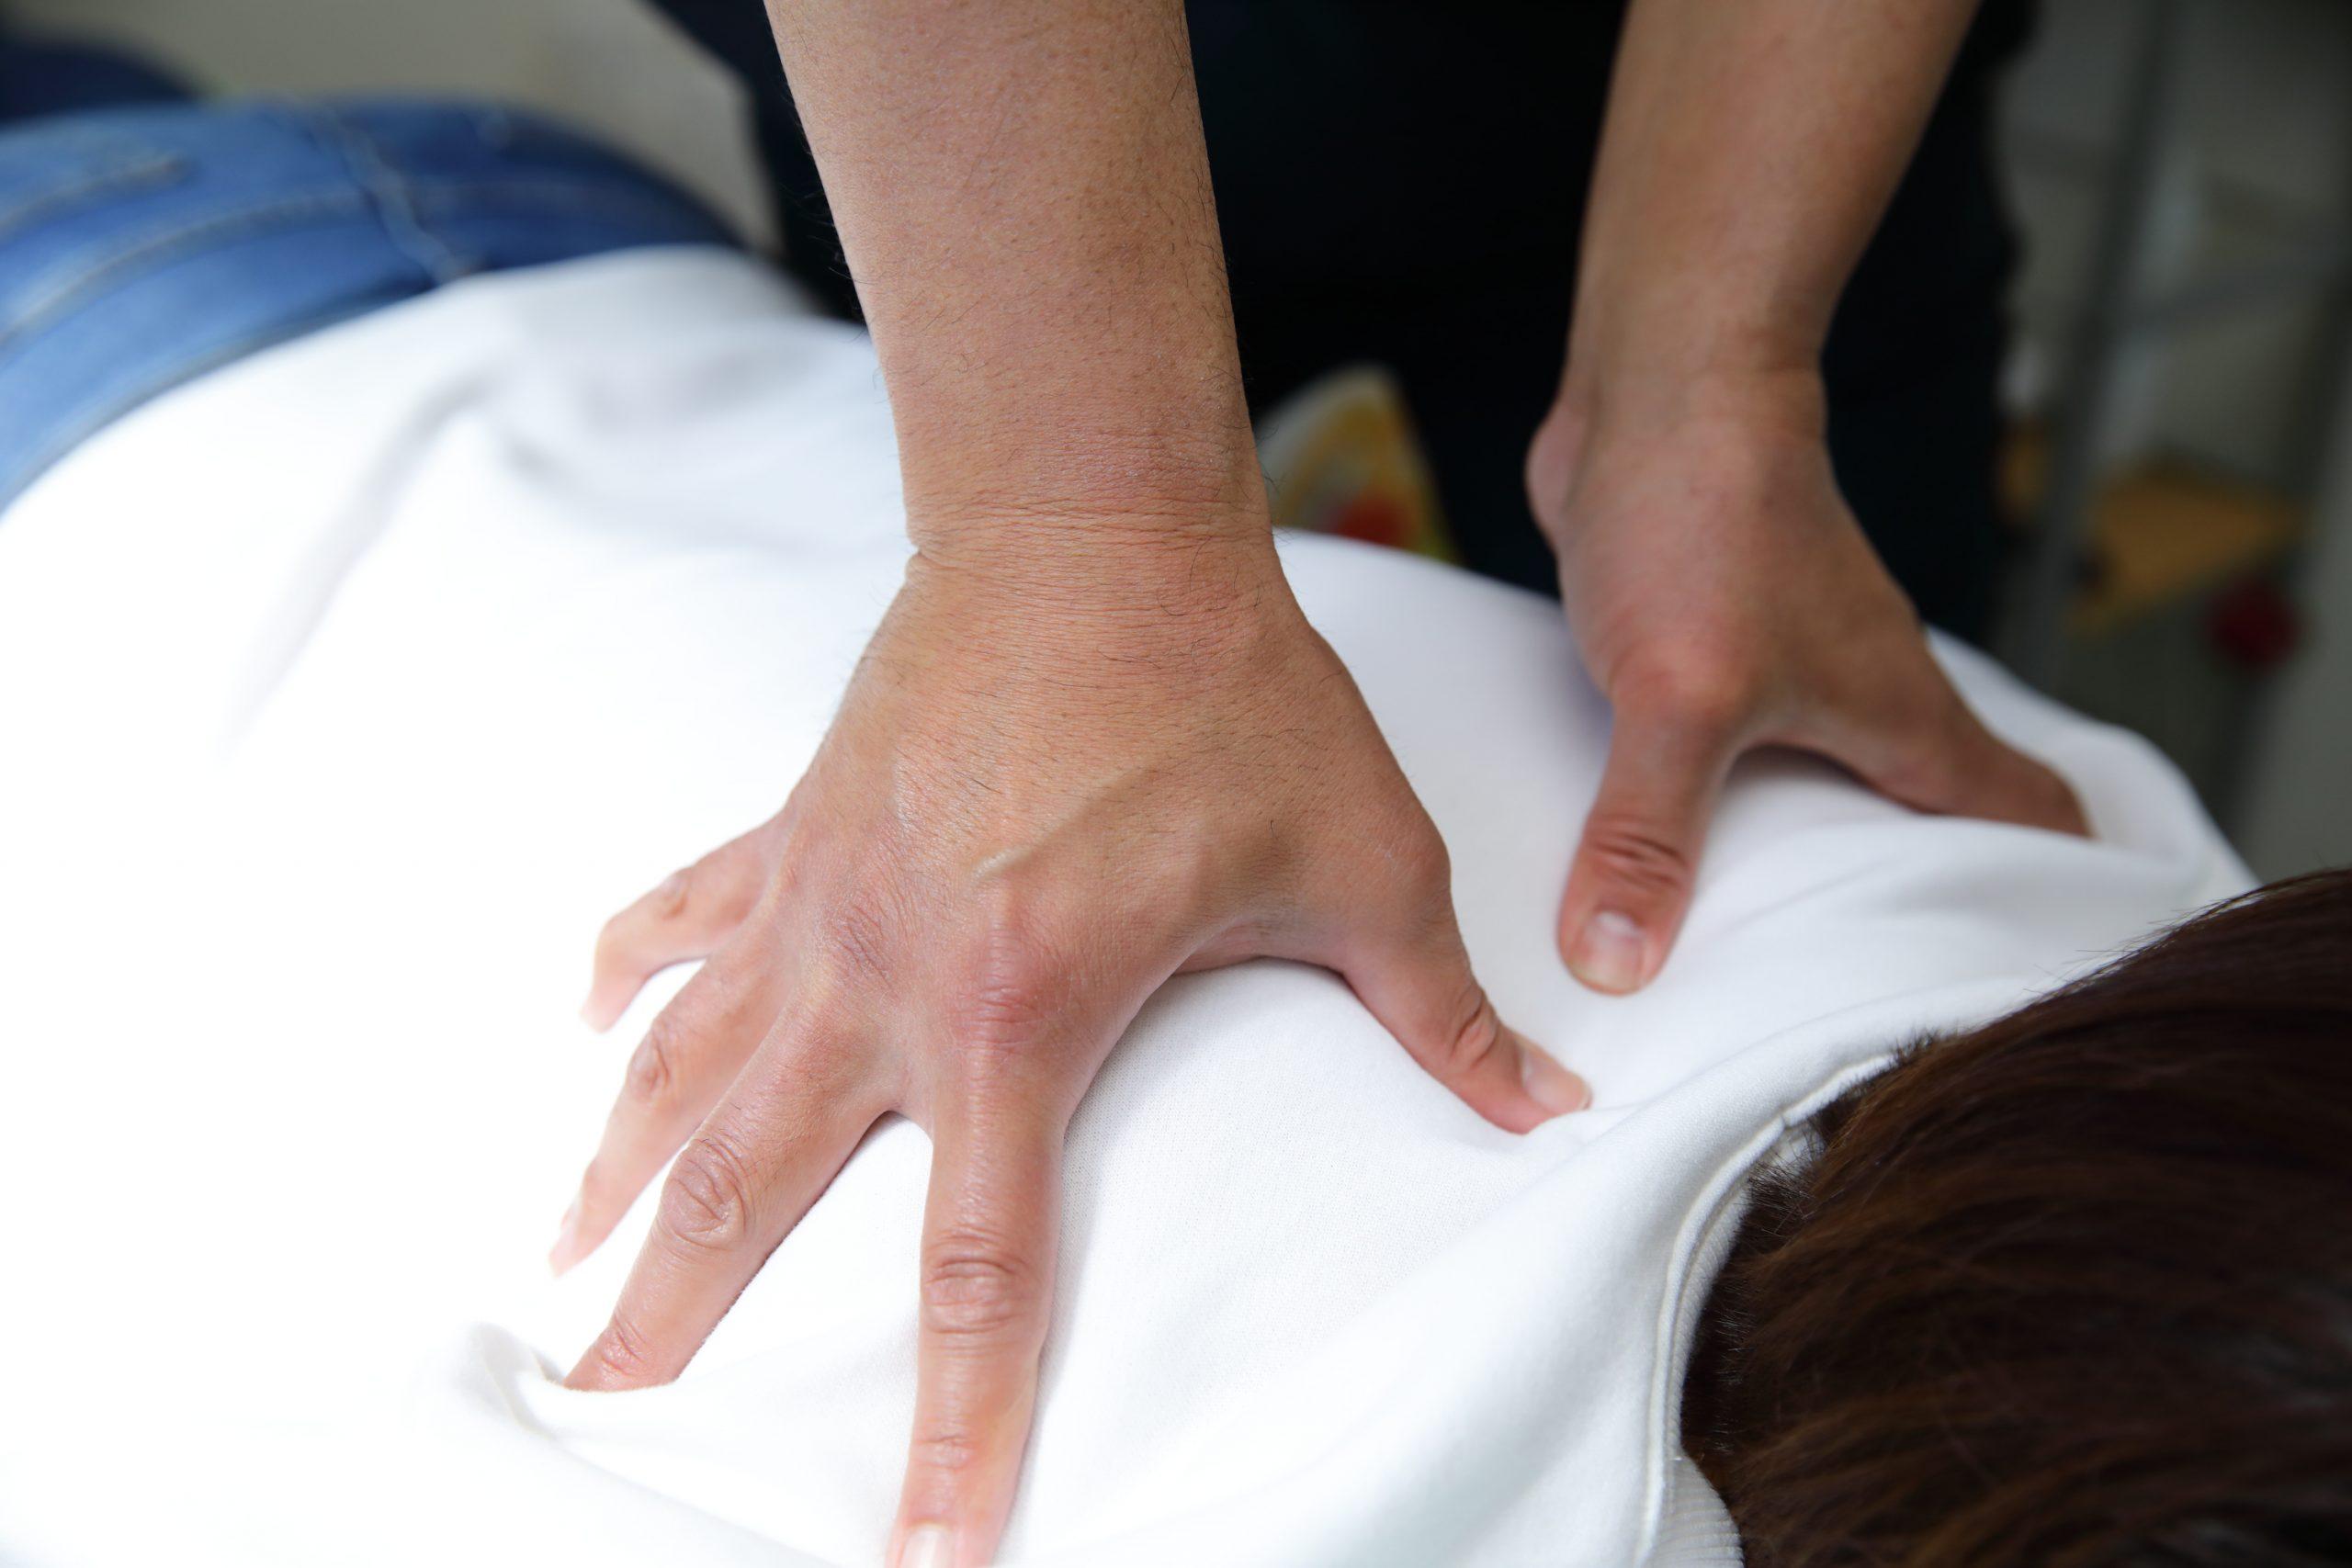 腰痛の治療|野田市で腰痛・ぎっくり腰の症状改善は、七光台名倉堂整骨院